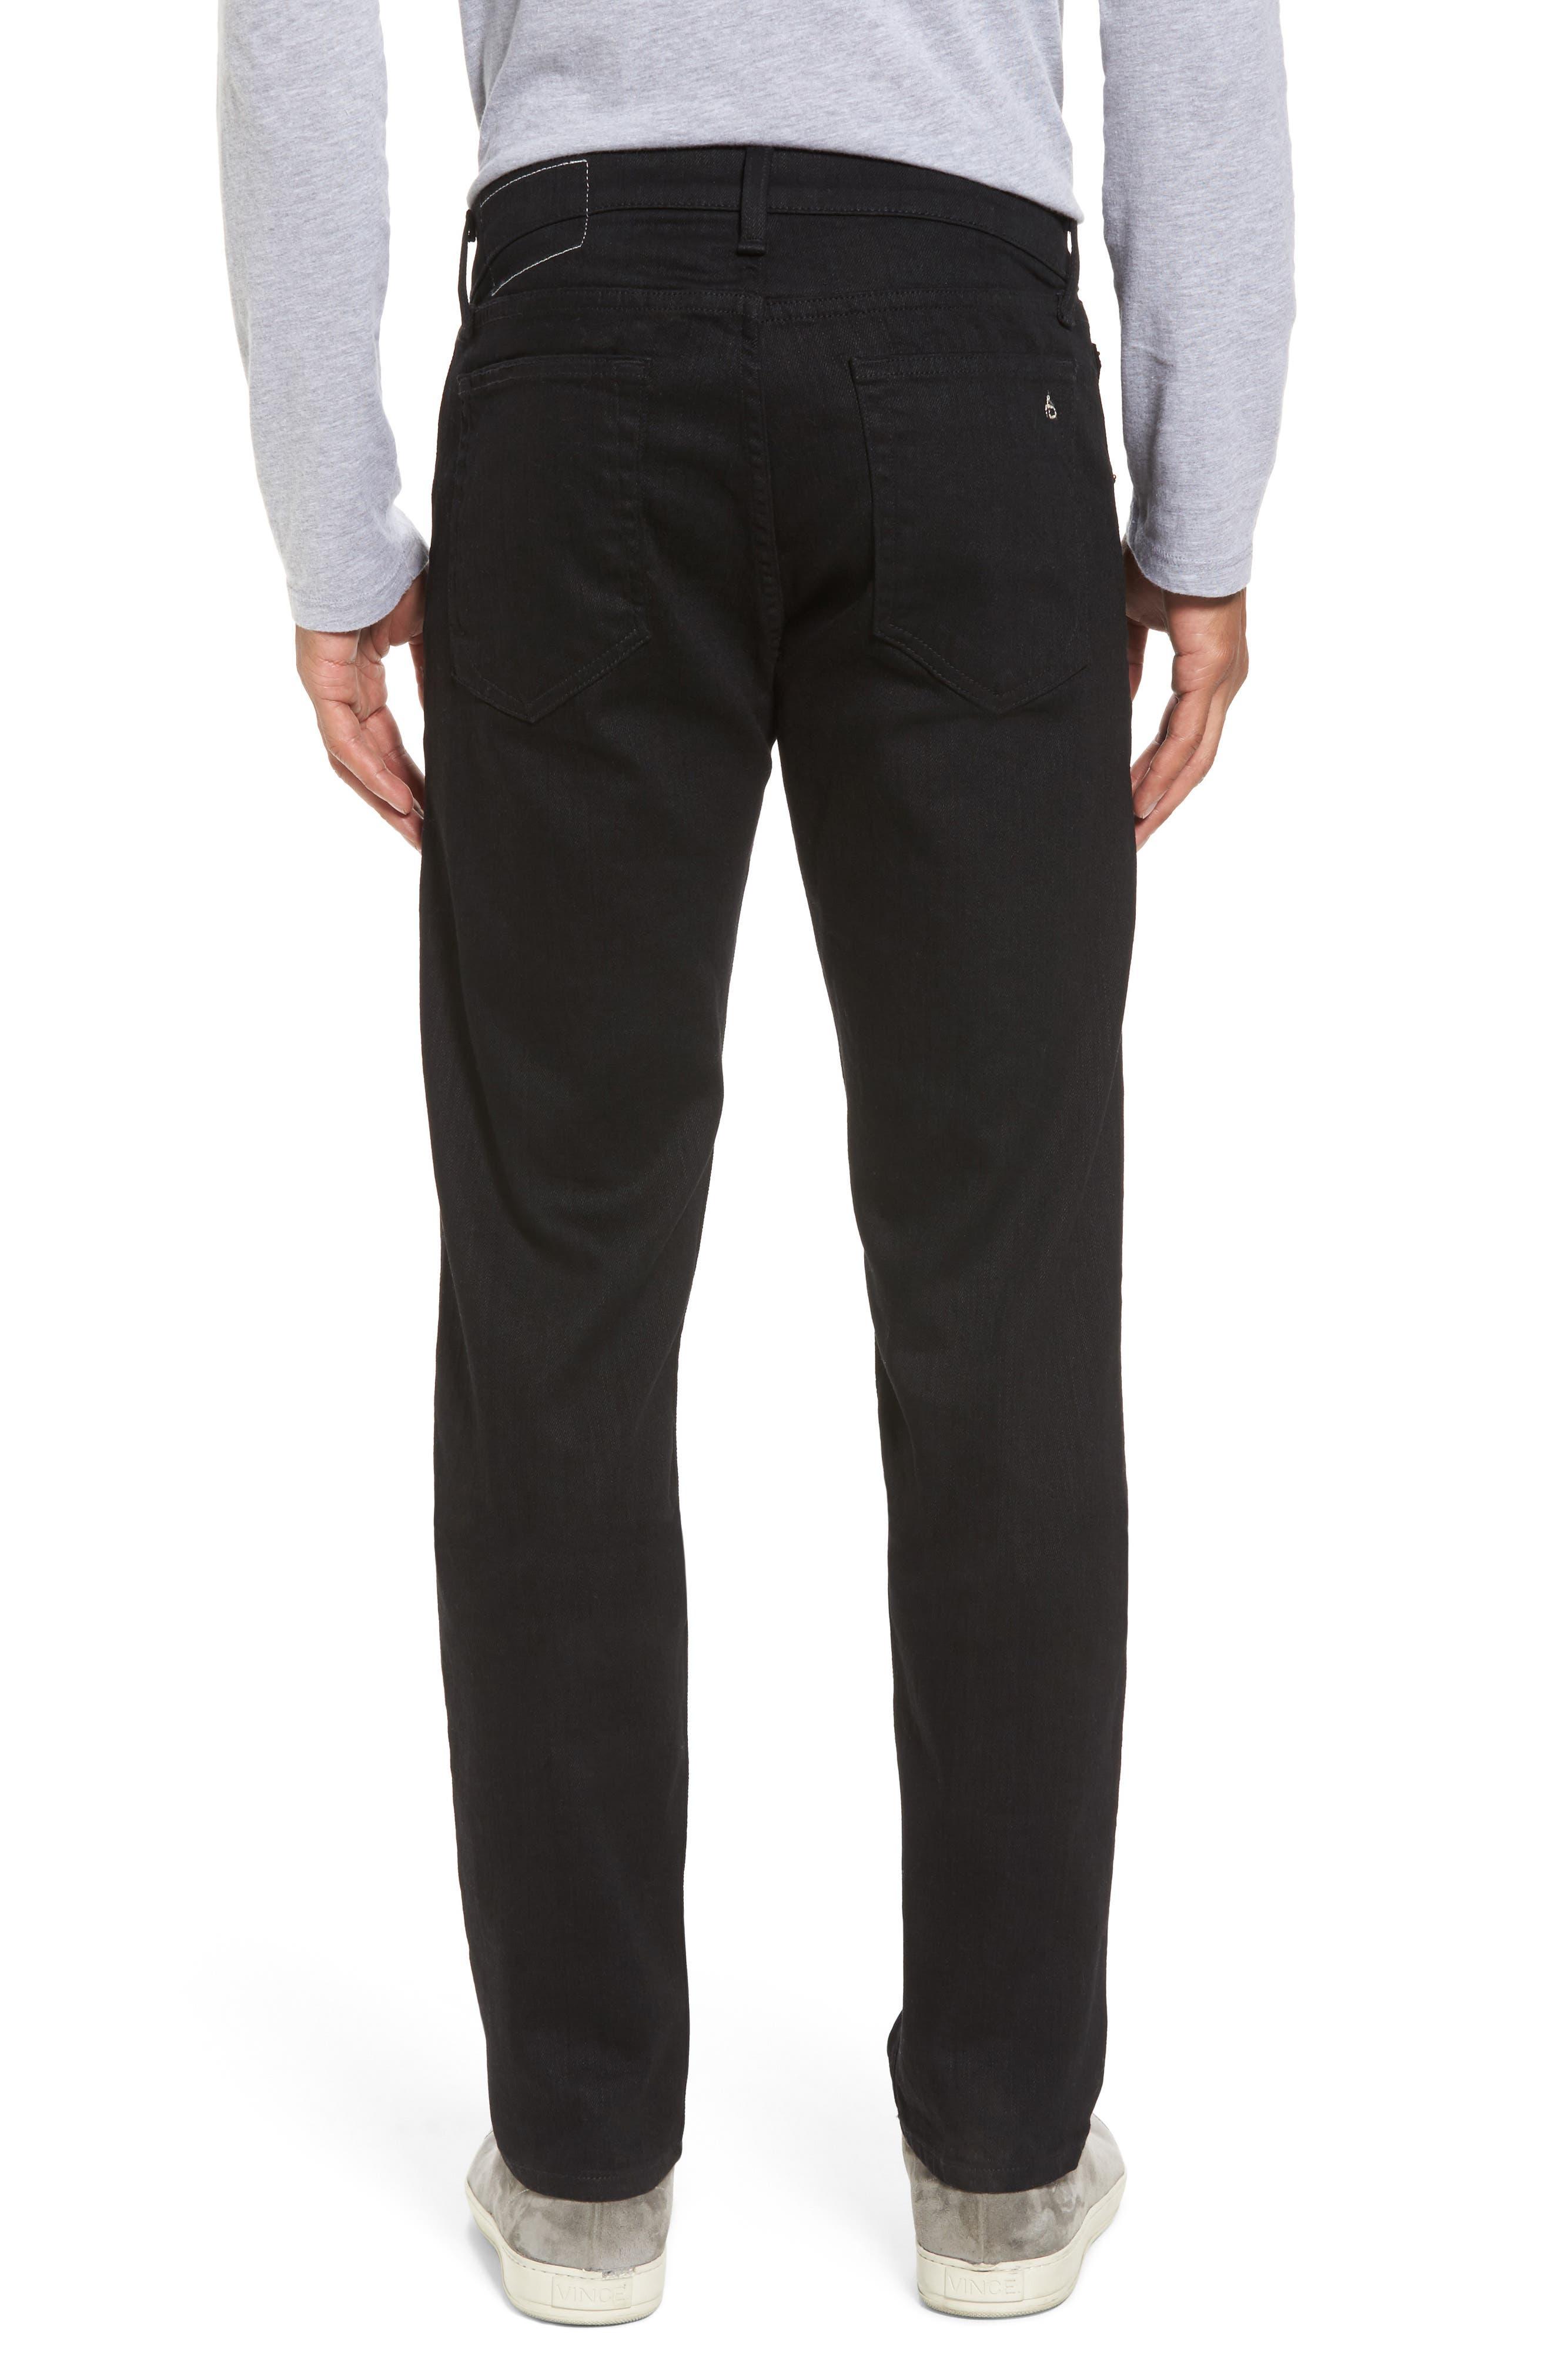 Fit 2 Slim Fit Jeans,                             Alternate thumbnail 2, color,                             BLACK